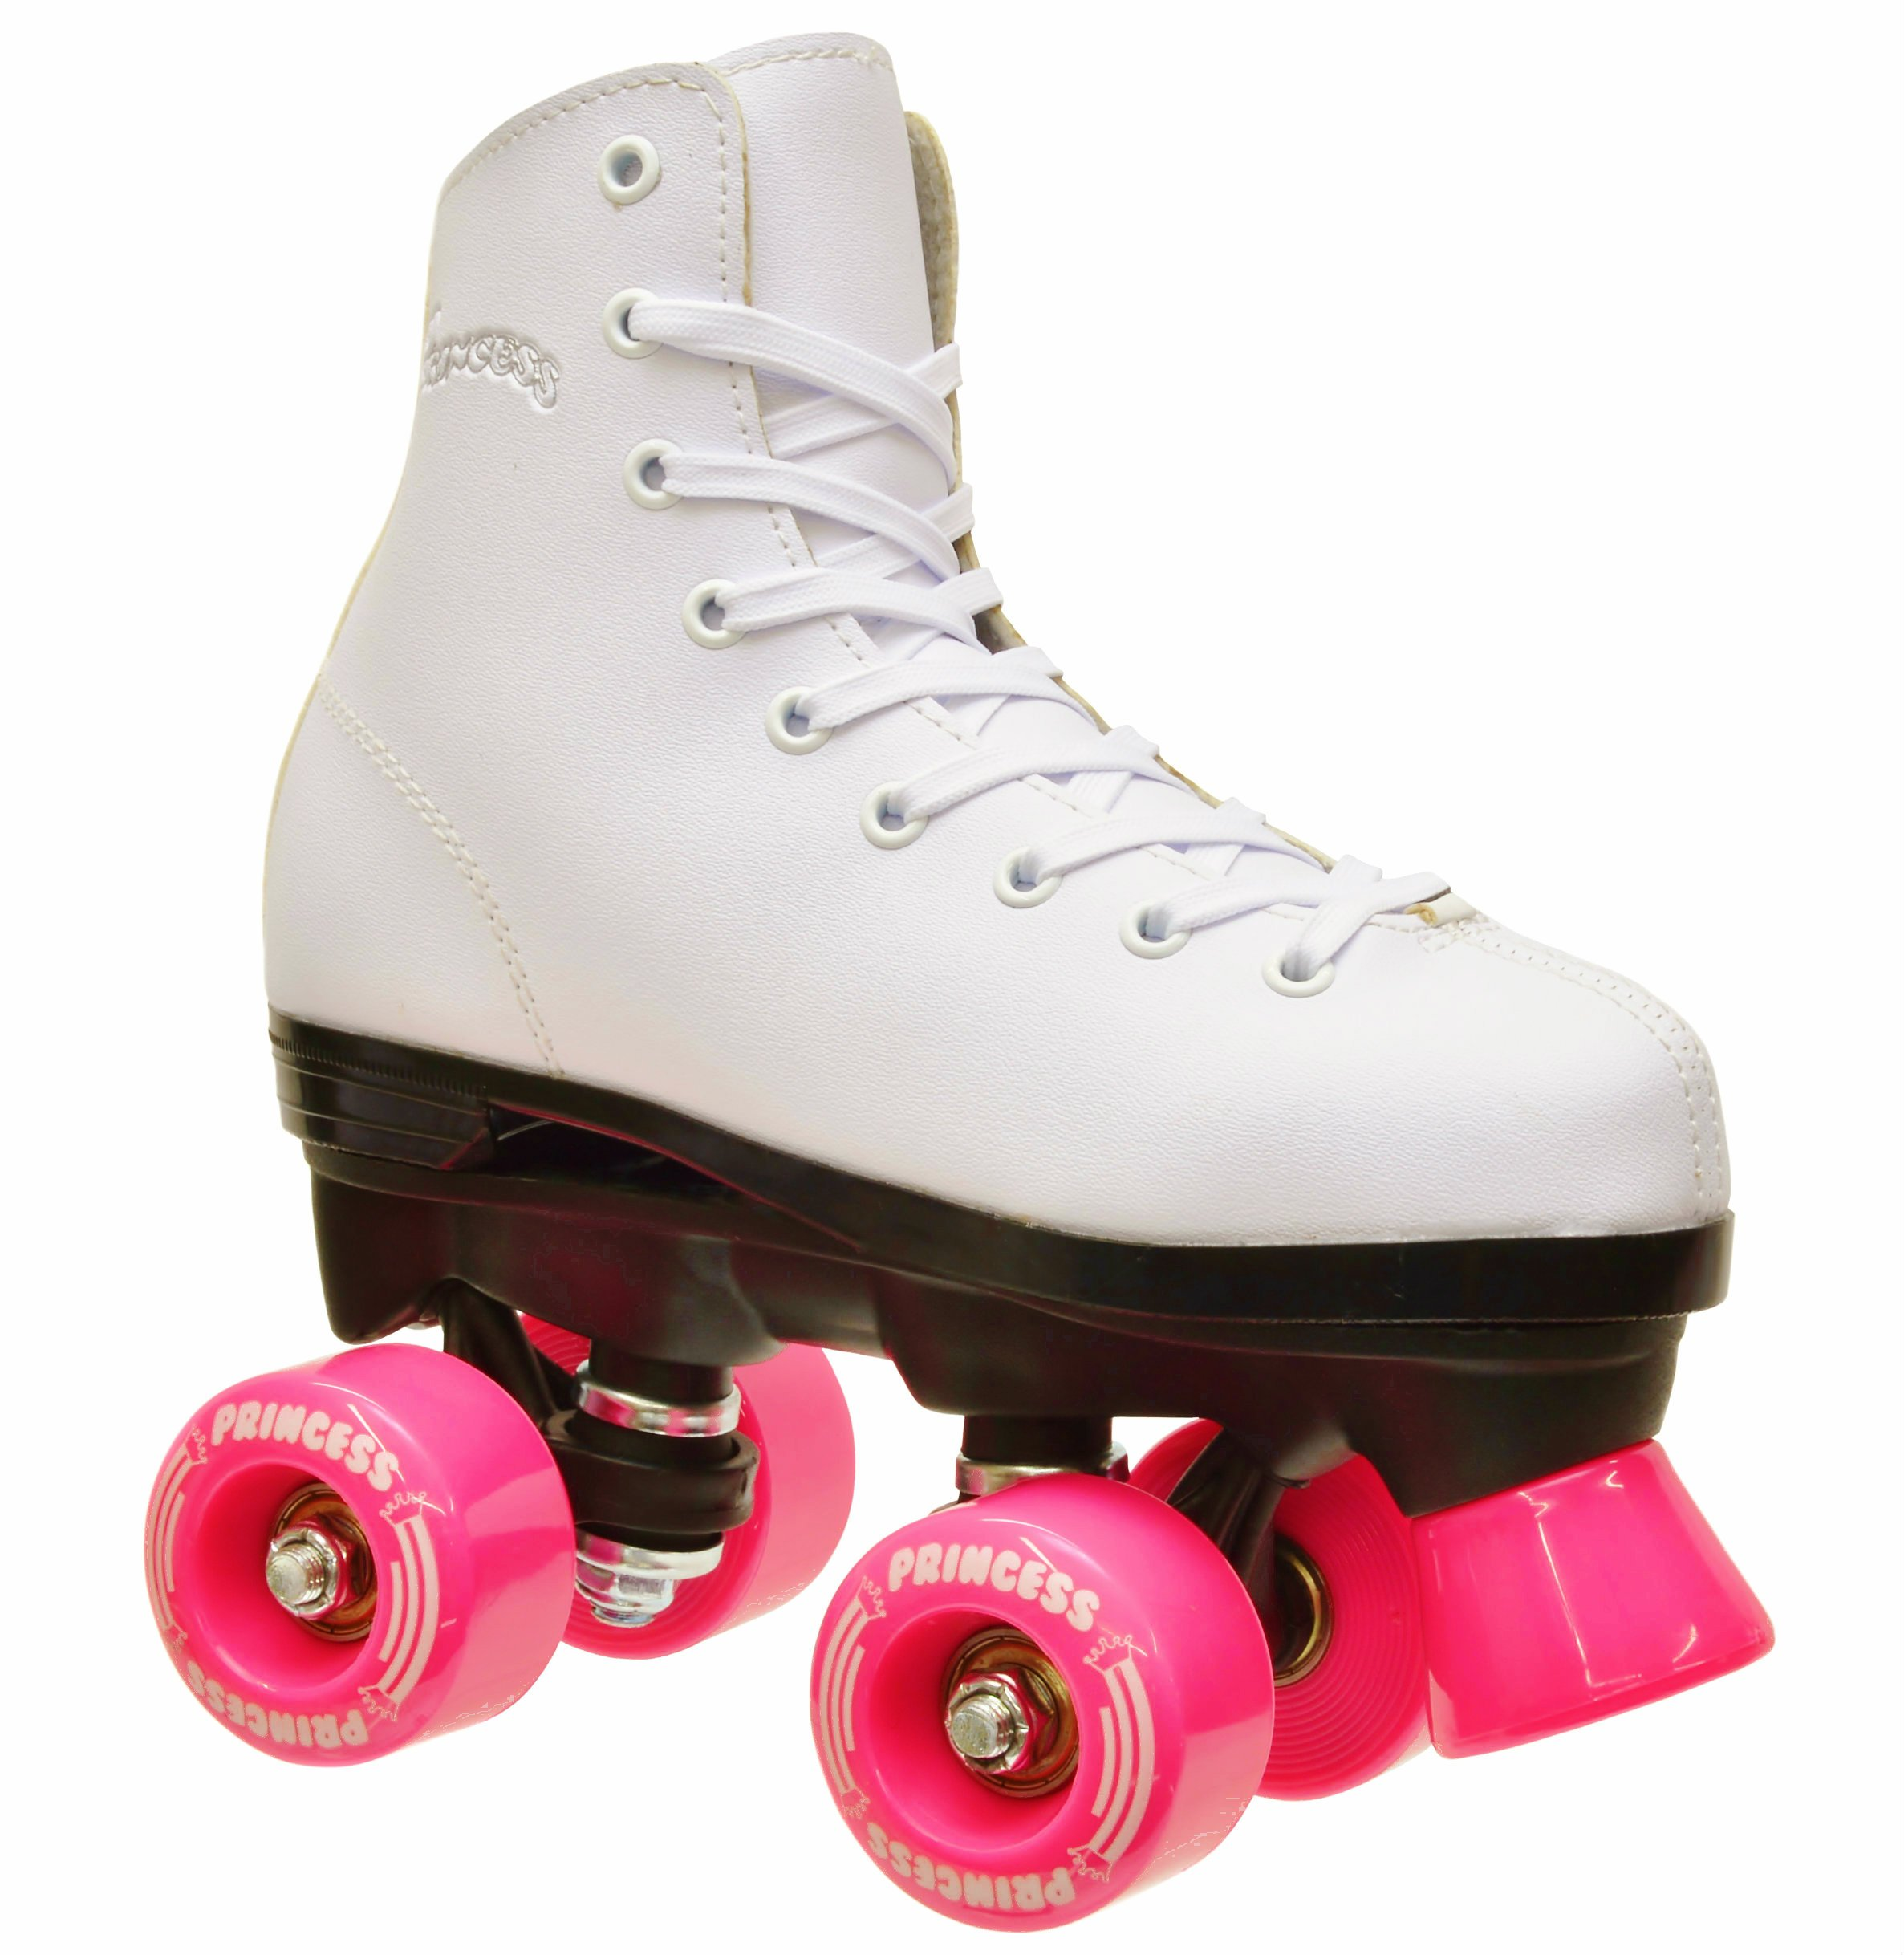 Epic Skates Epic Pink Princess Quad Roller Skates Kids 5 by Epic Skates (Image #2)